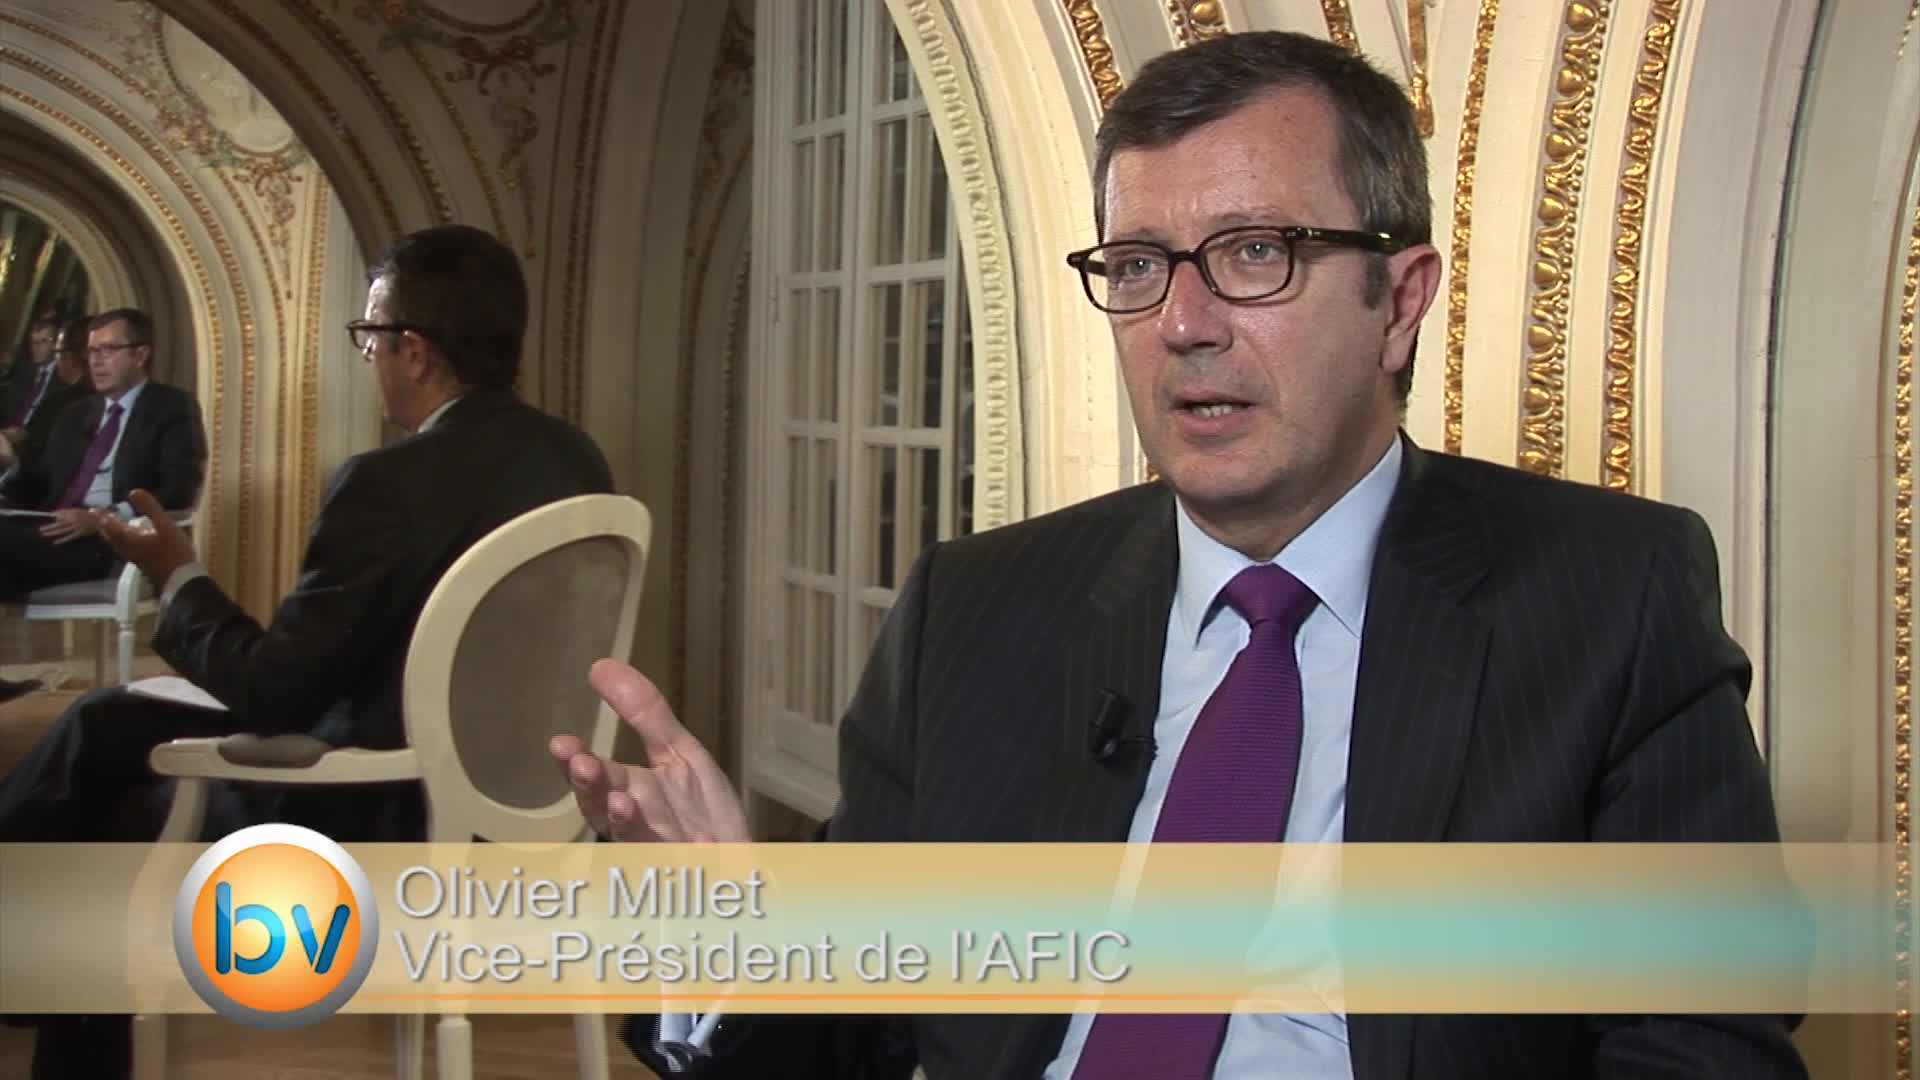 Olivier Millet Vice-Président de l'AFIC : «On reste sur une bonne tendance dans le capital investissement»